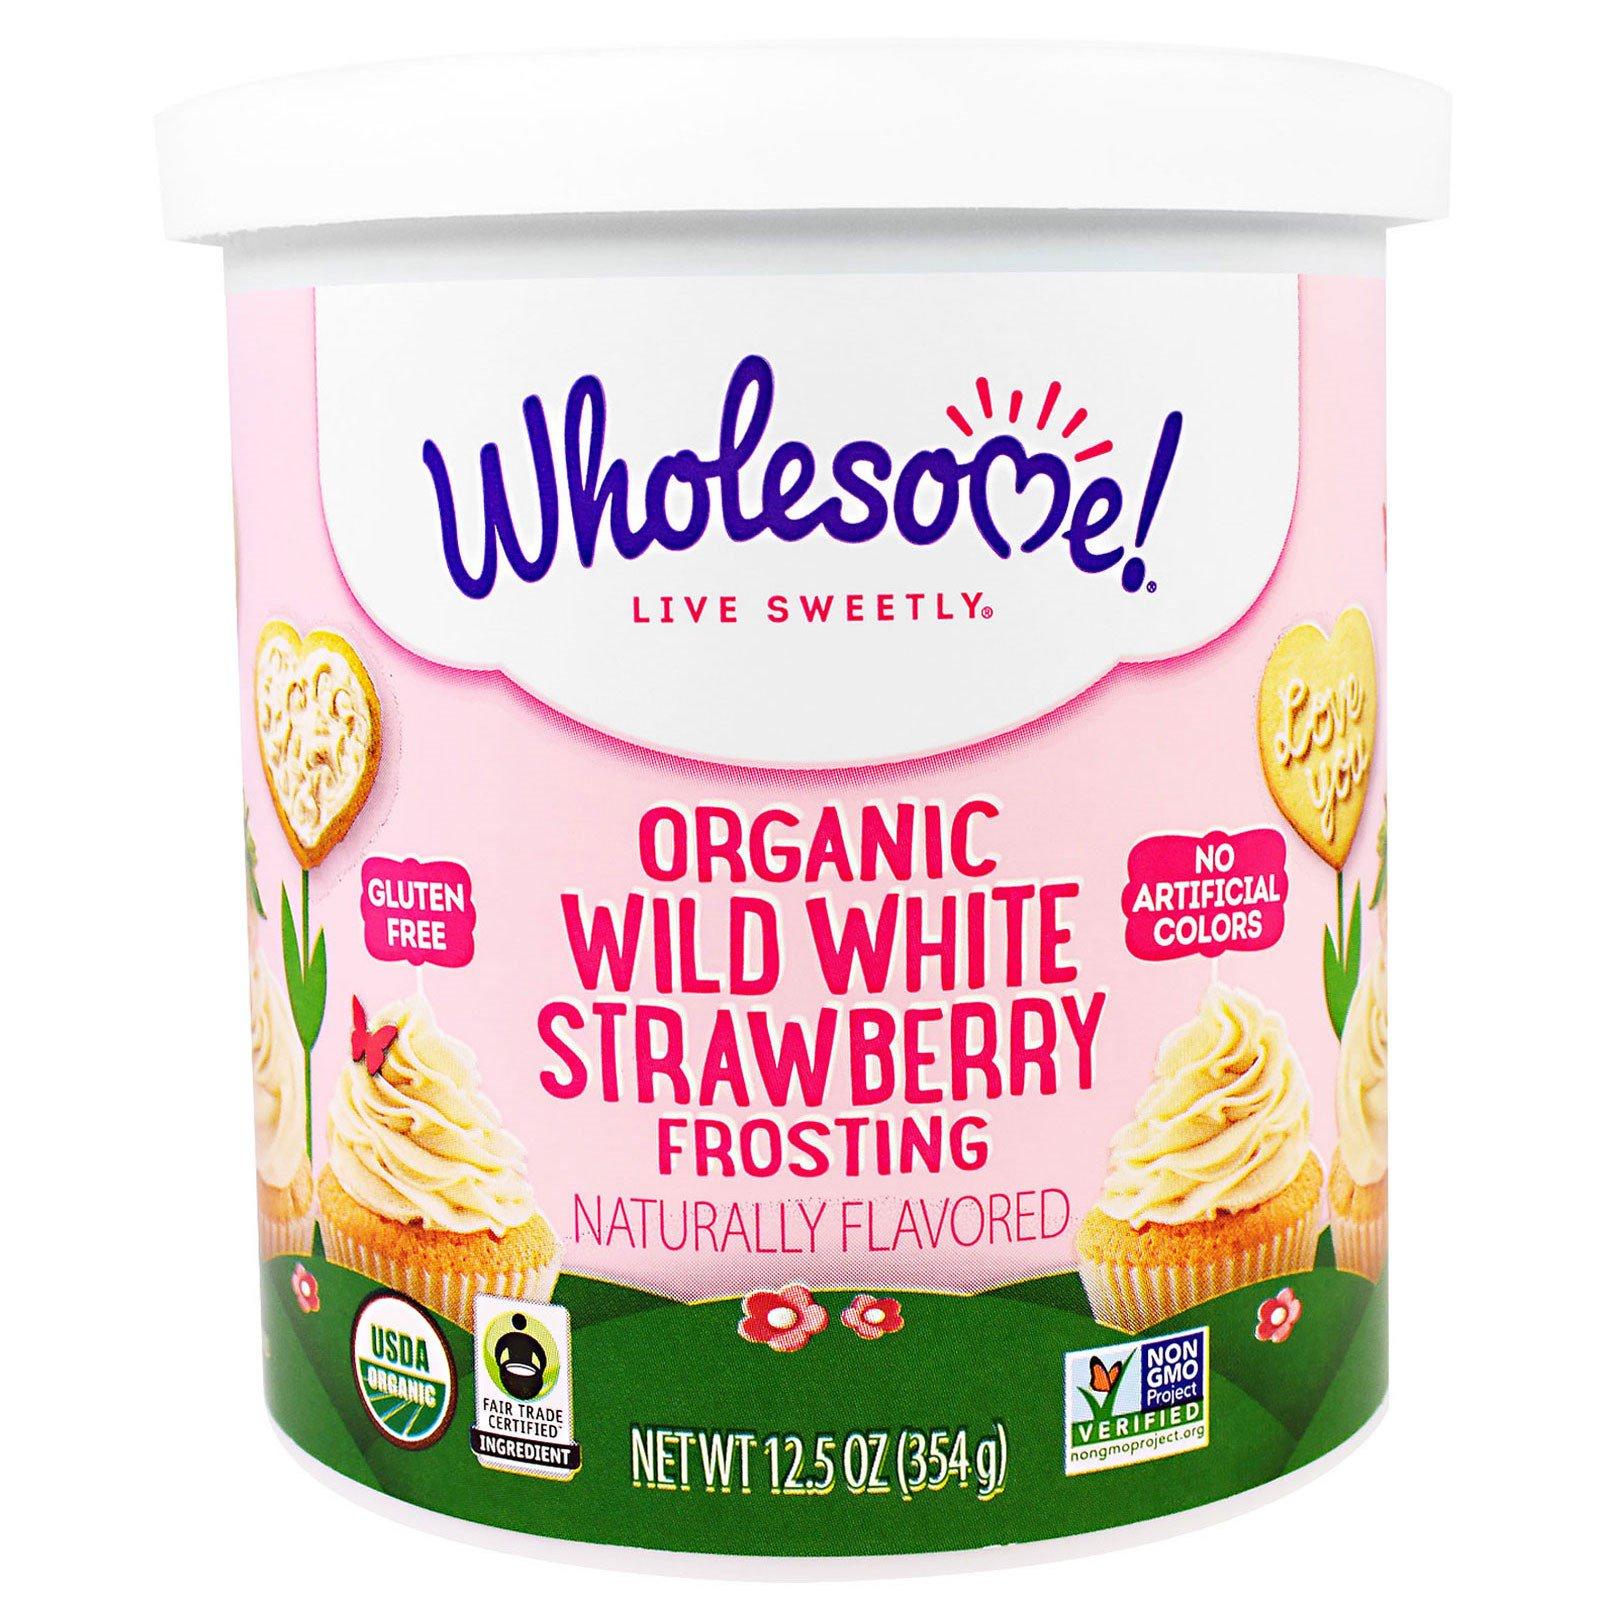 Wholesome Sweeteners, Inc., Органическая глазурь со вкусом дикой белой клубники, 12,5 унции (354 г)